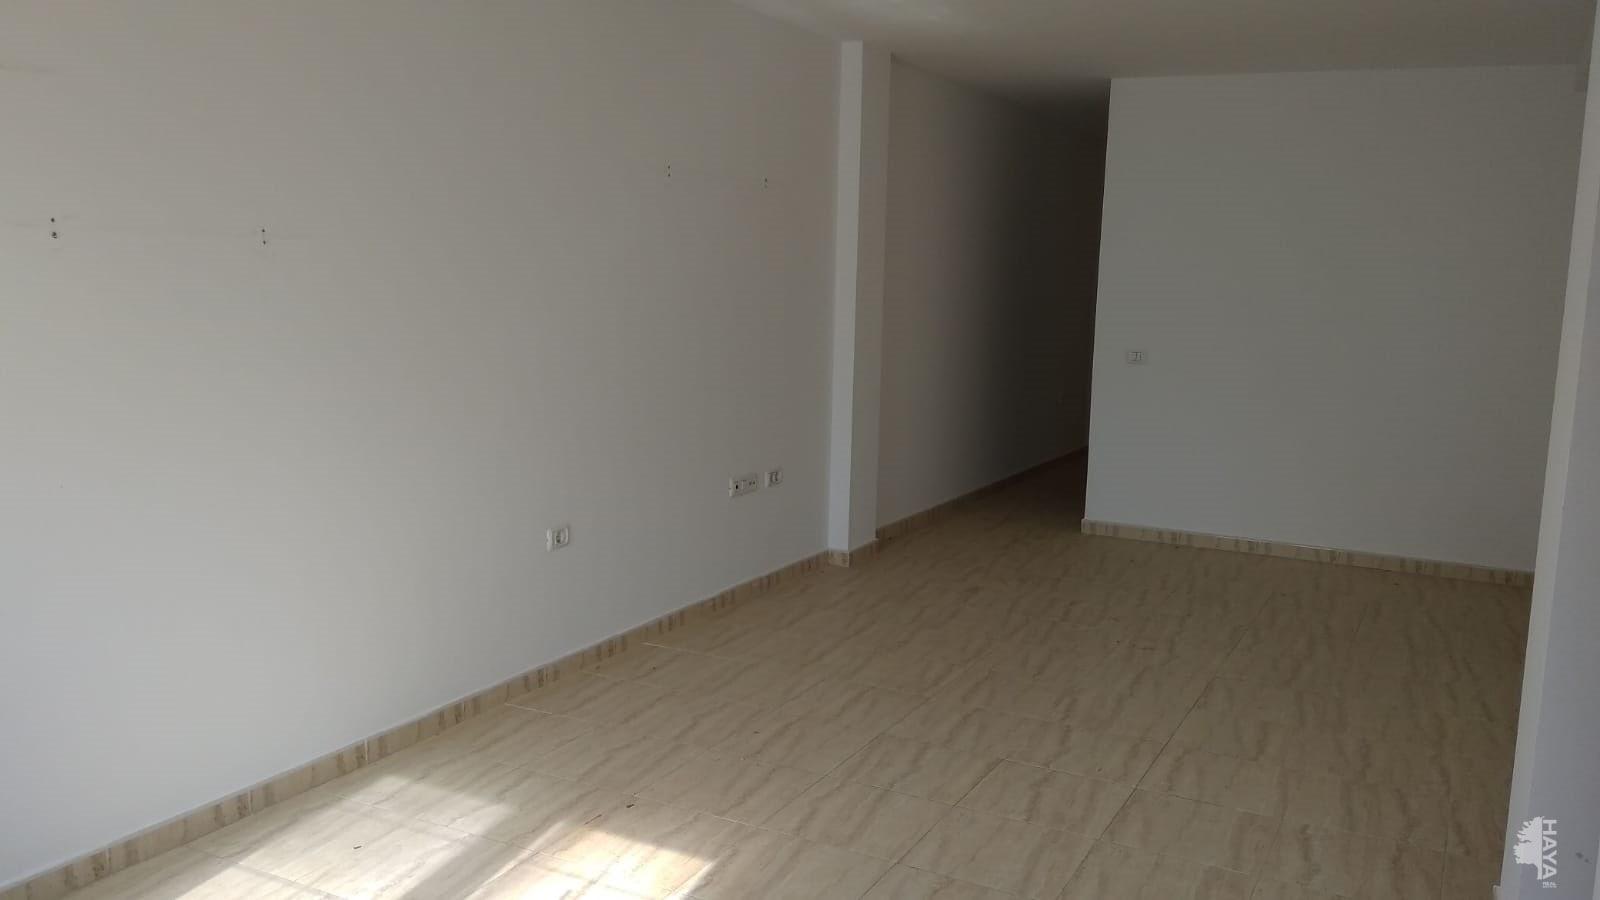 Piso en venta en Agüimes, Las Palmas, Calle Bentagocha, 82.000 €, 2 habitaciones, 1 baño, 75 m2